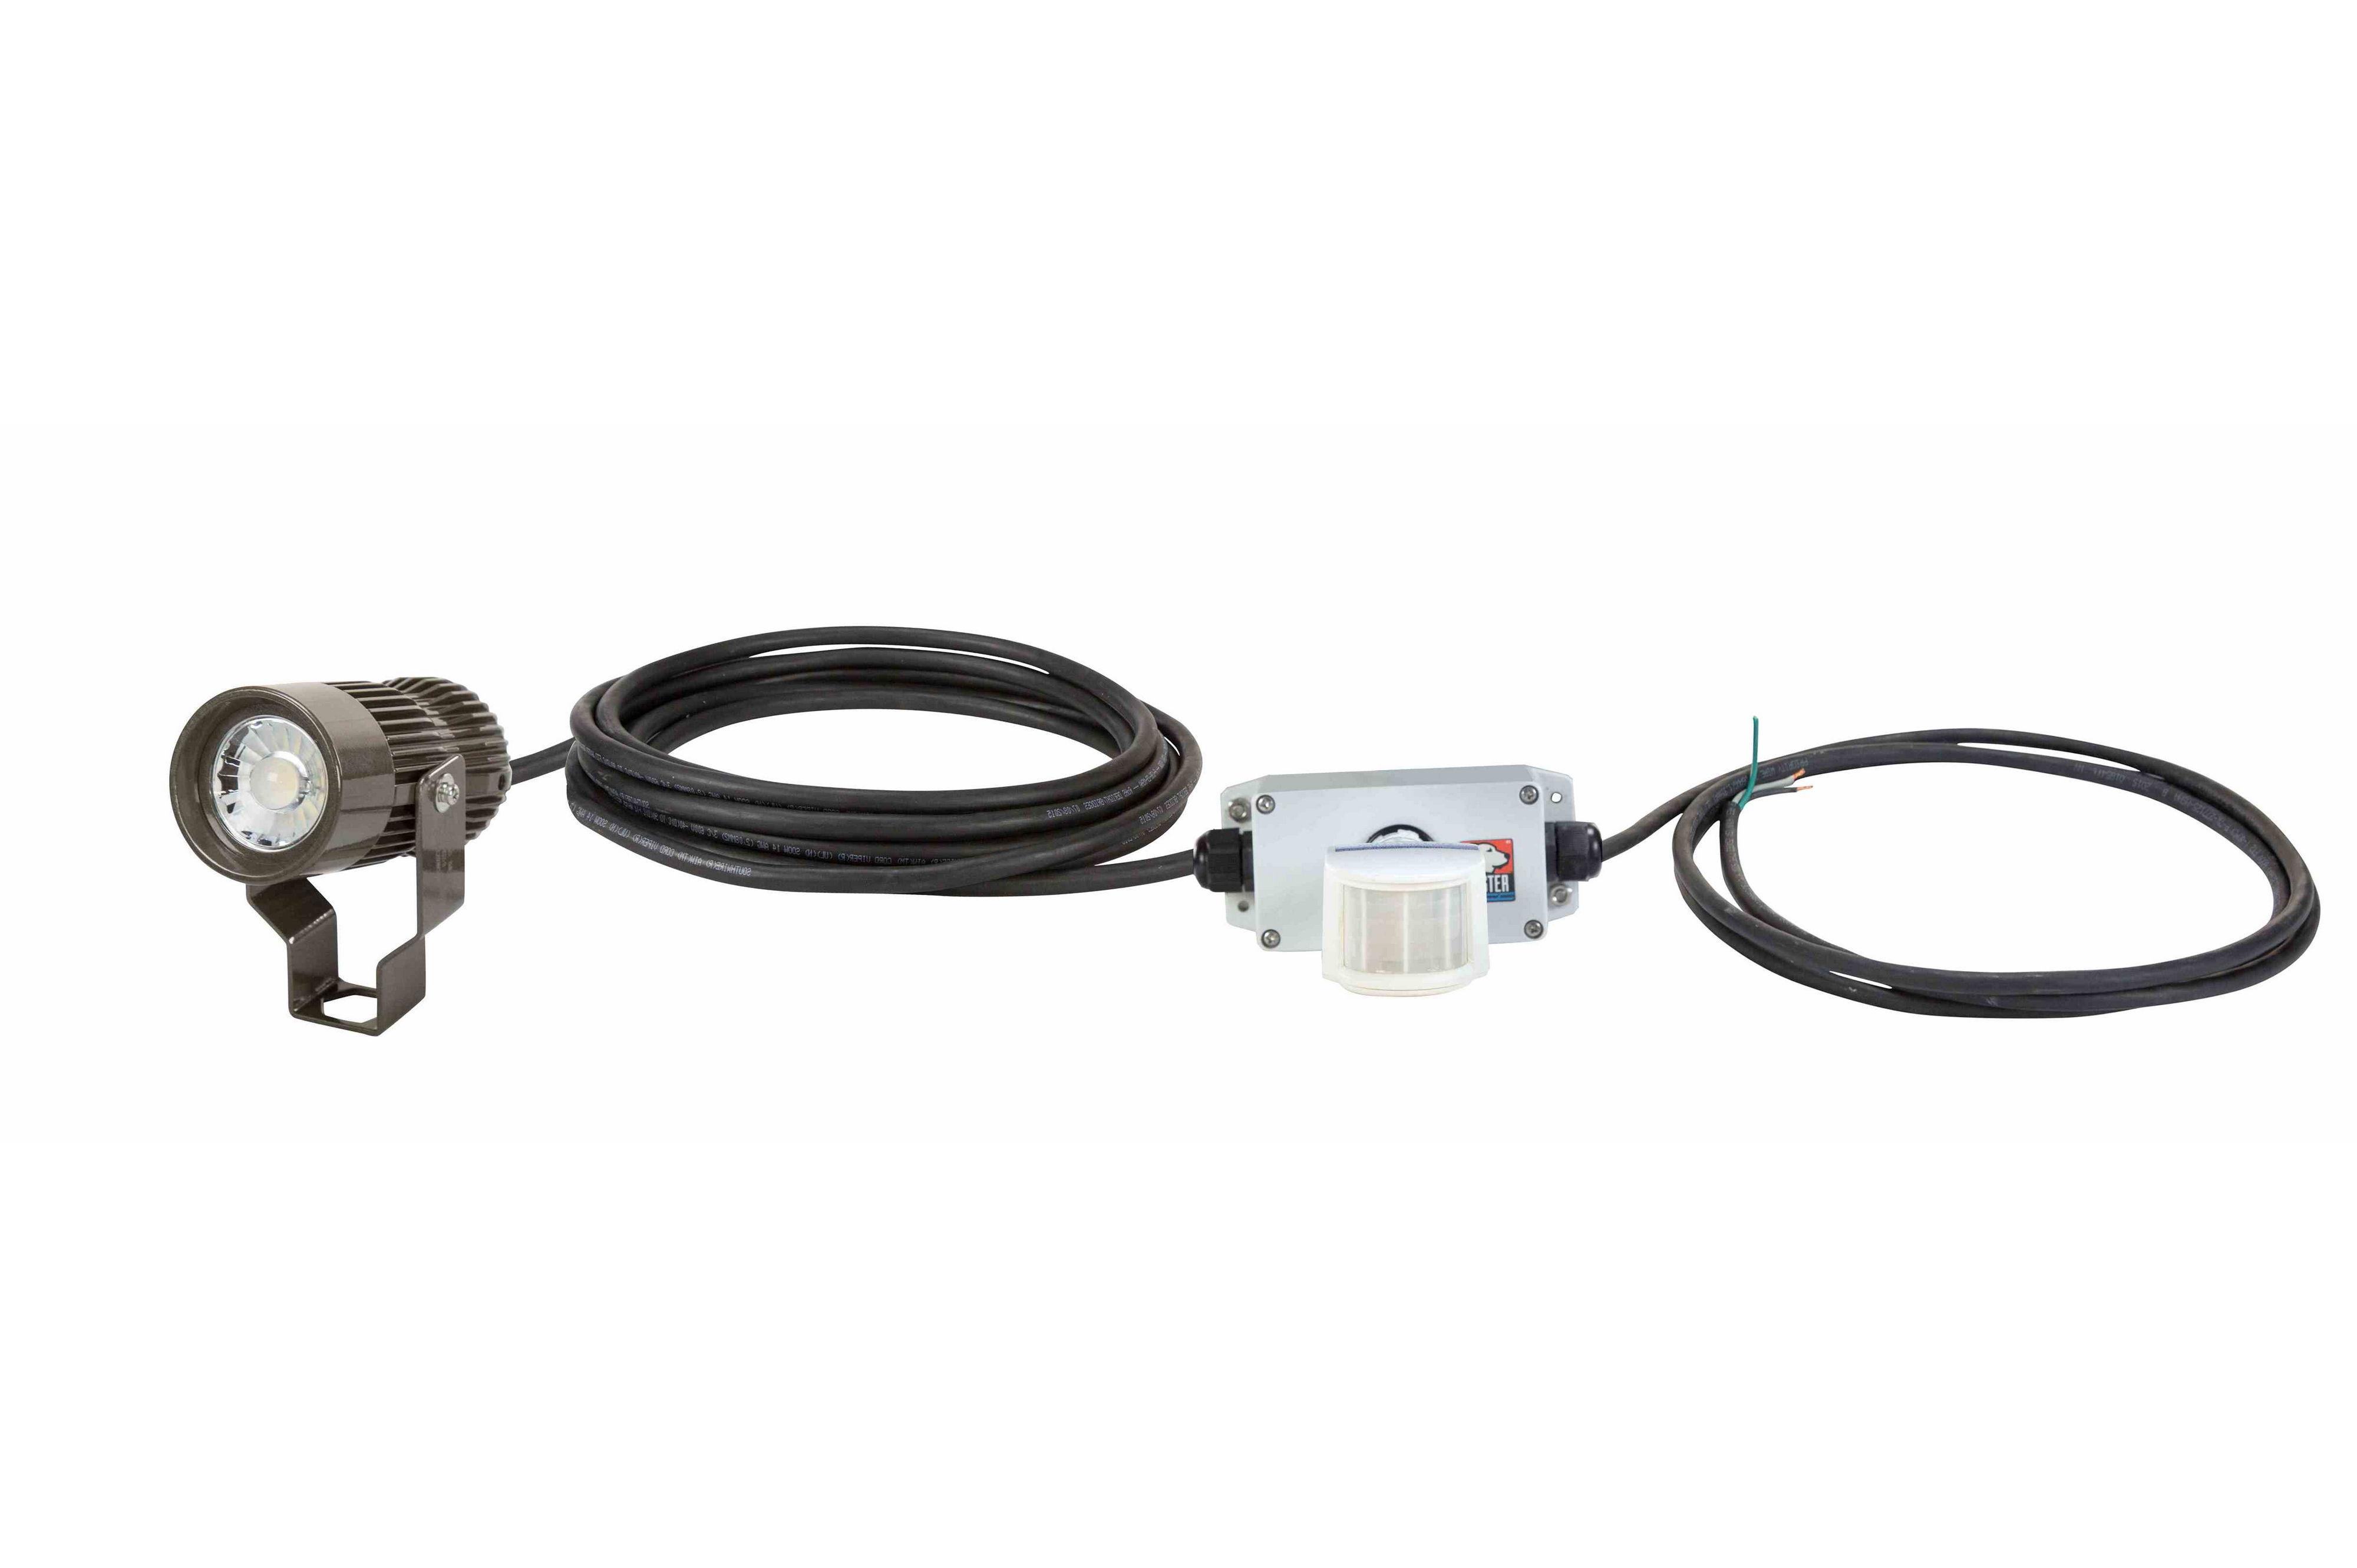 18 watt led industrial light fixture  night sensor